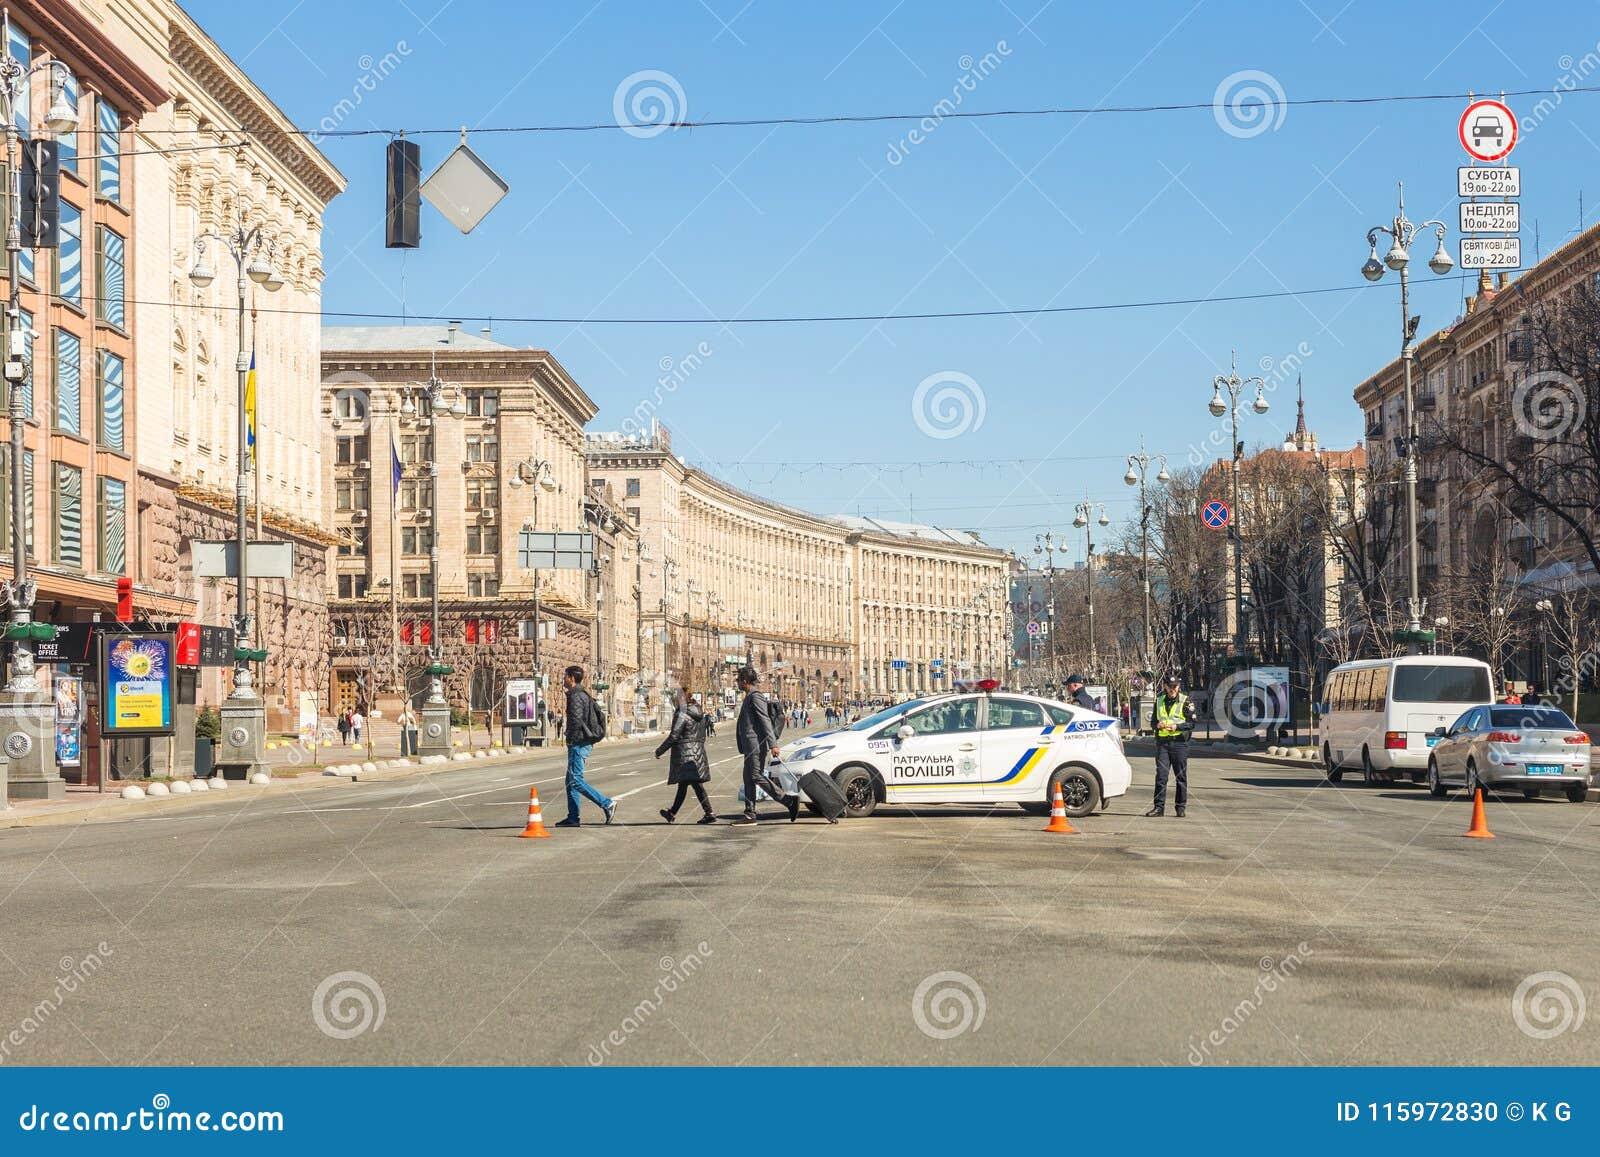 Kiew, Ukraine - 6. Mai 2017: Zentrale Straße von ukrainischem Hauptstadt Kyiv Khreschatyk schloss für Verkehr durch Polizeiwagen